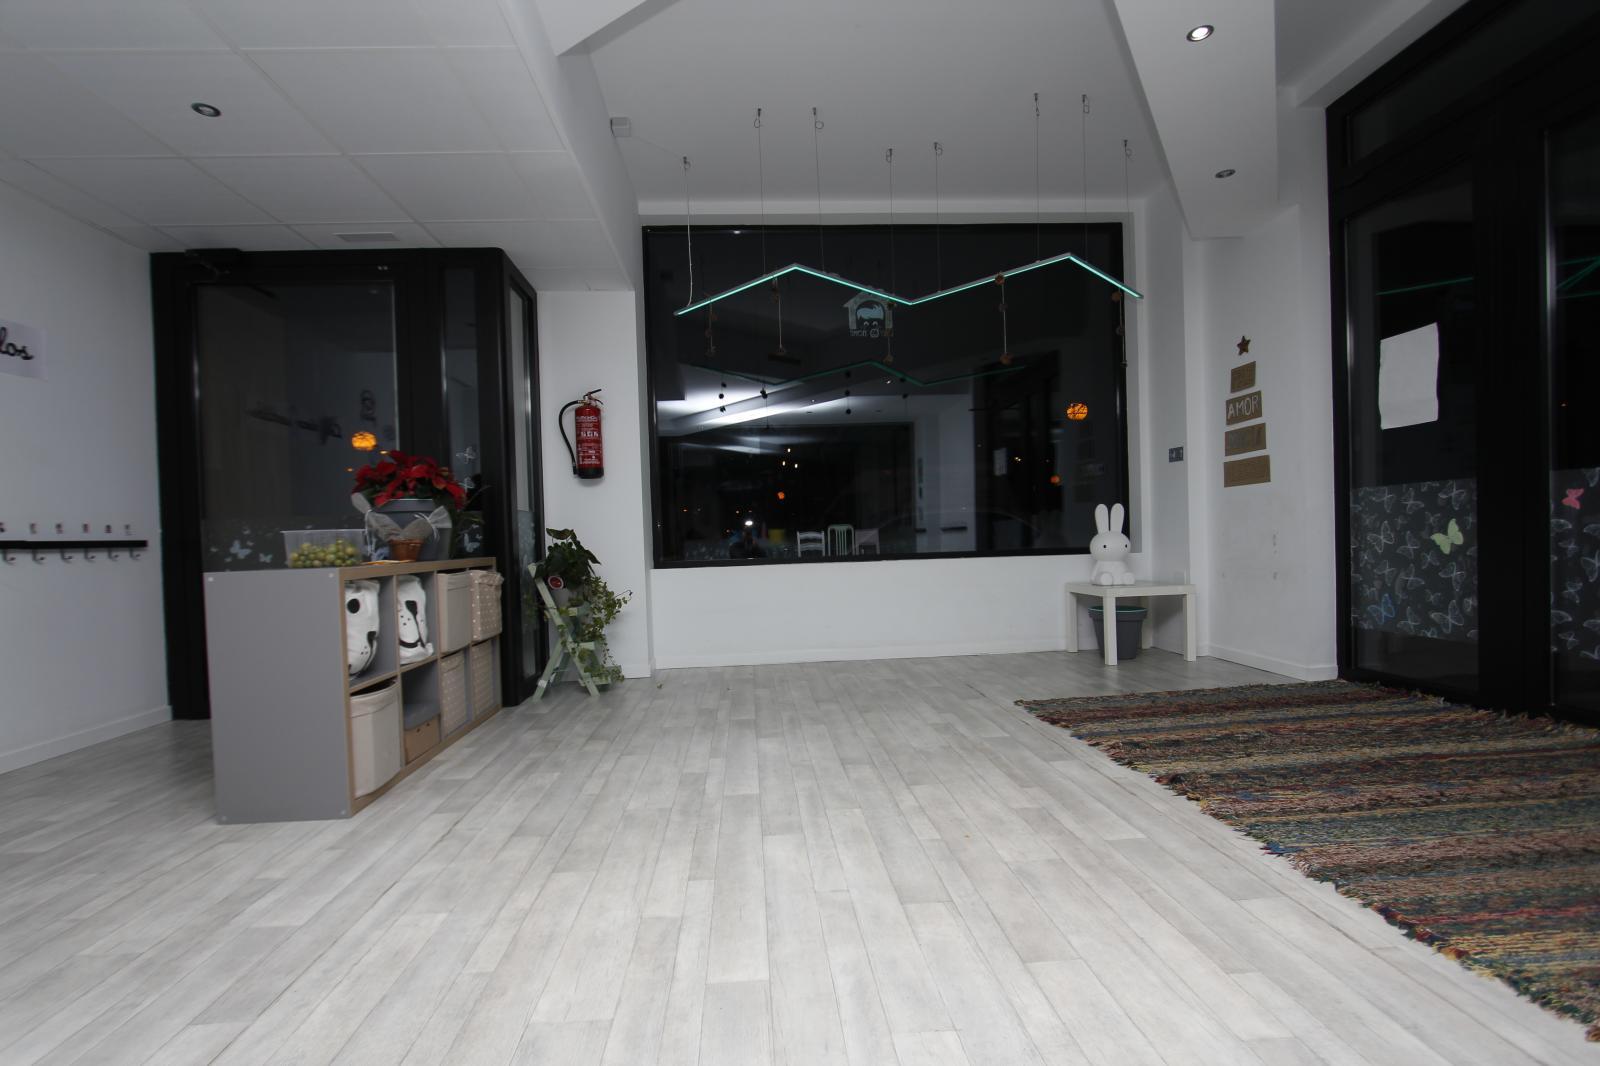 Construcciones Adrian: Techo registrable y iluminación Led